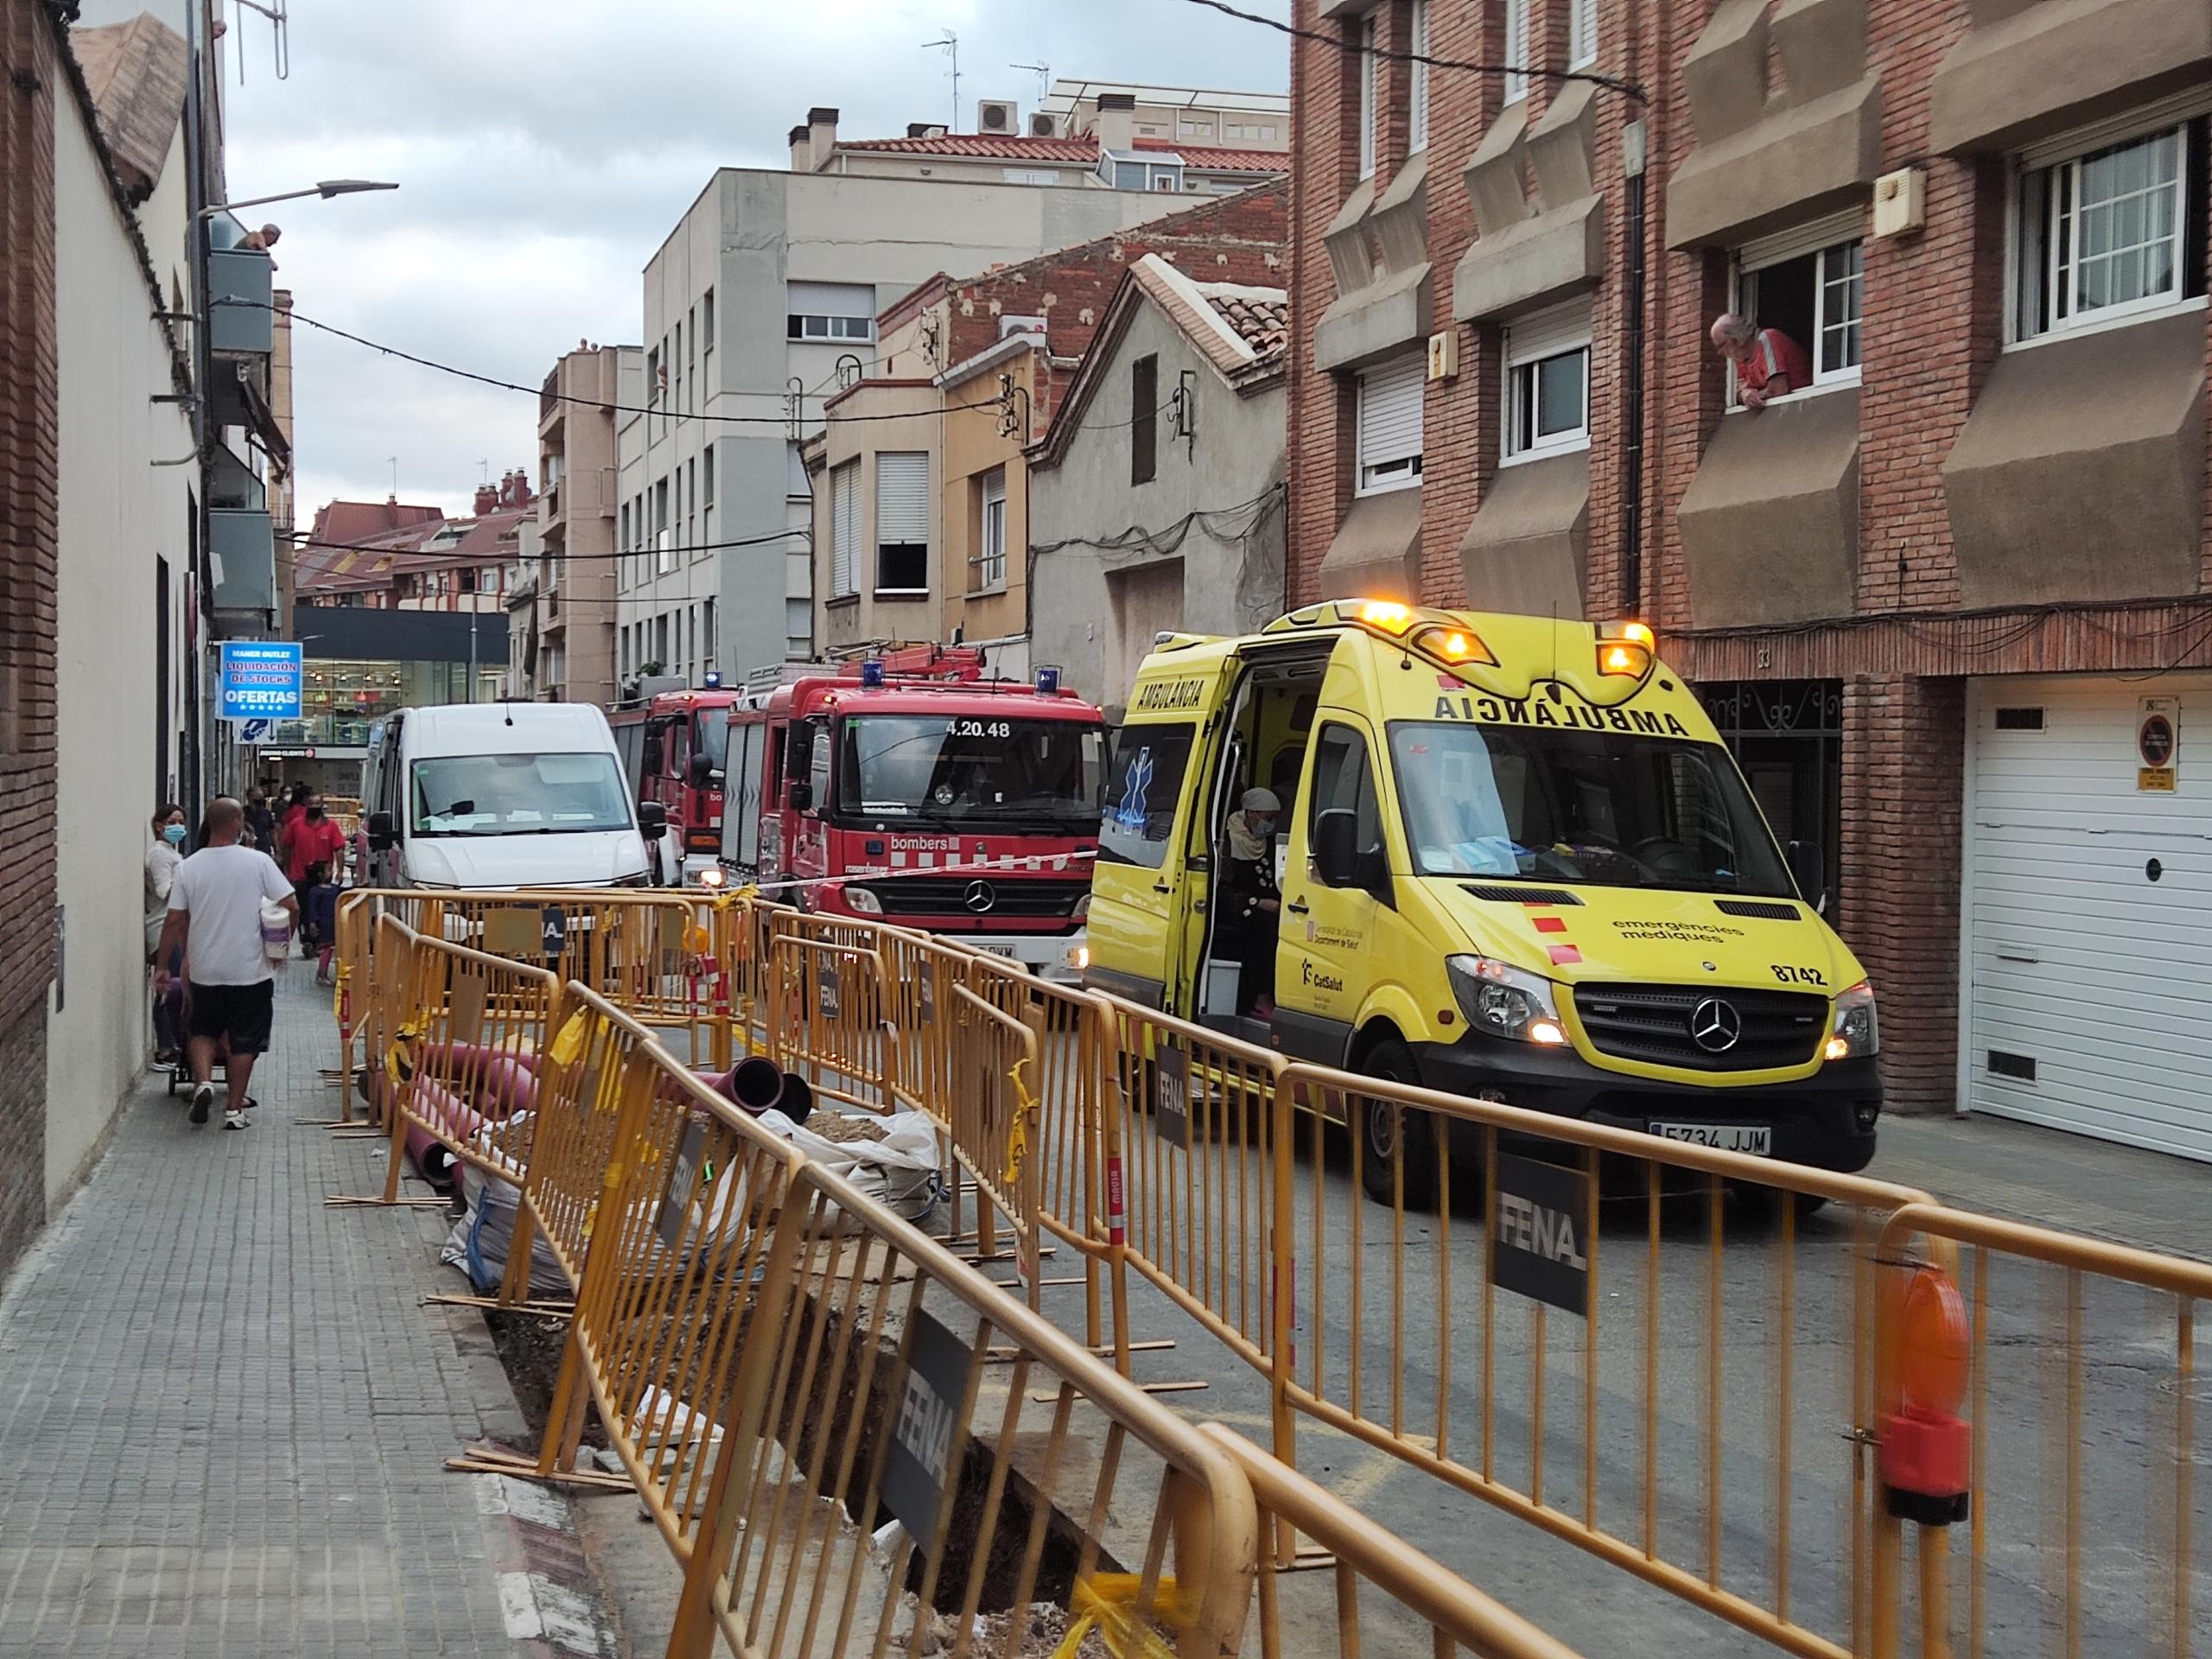 Actuació dels Bombers i Policia al carrer Arquimedes de Terrassa | Jordi Hernández